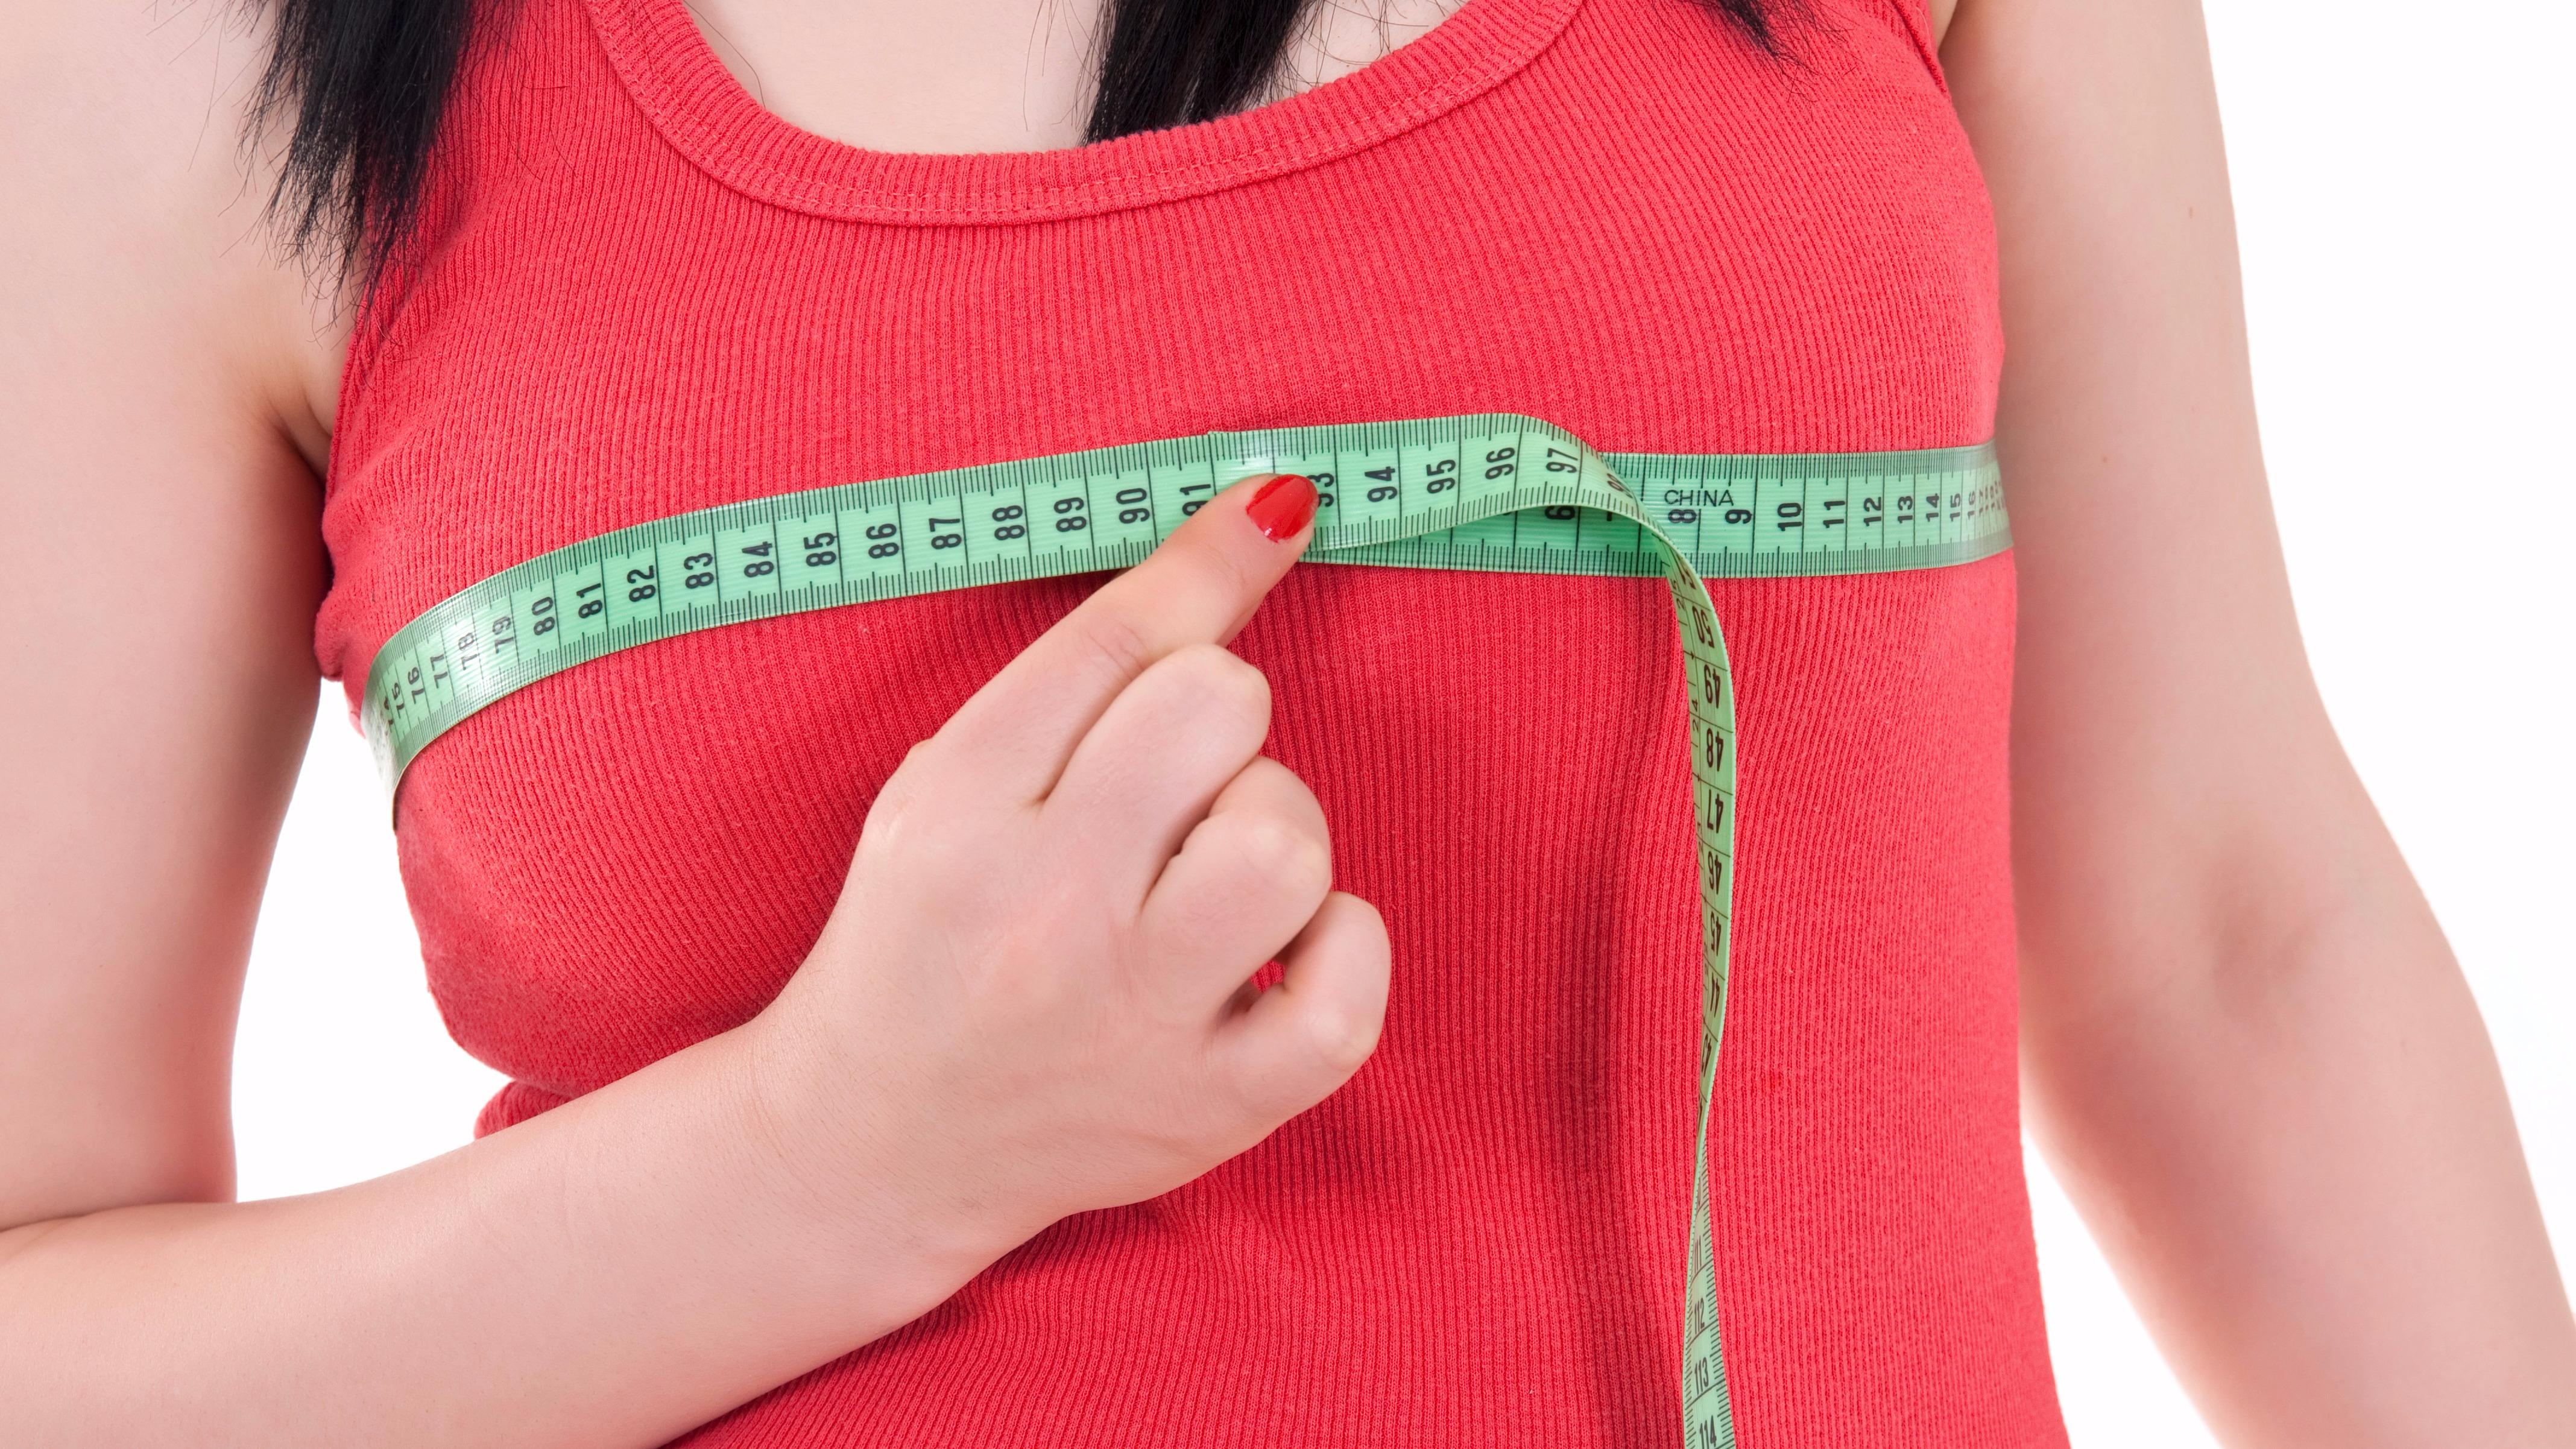 La especialista explica que son varios los factores que pueden llevar a las jóvenes a tomar la decisión de aumentarse la talla del busto.